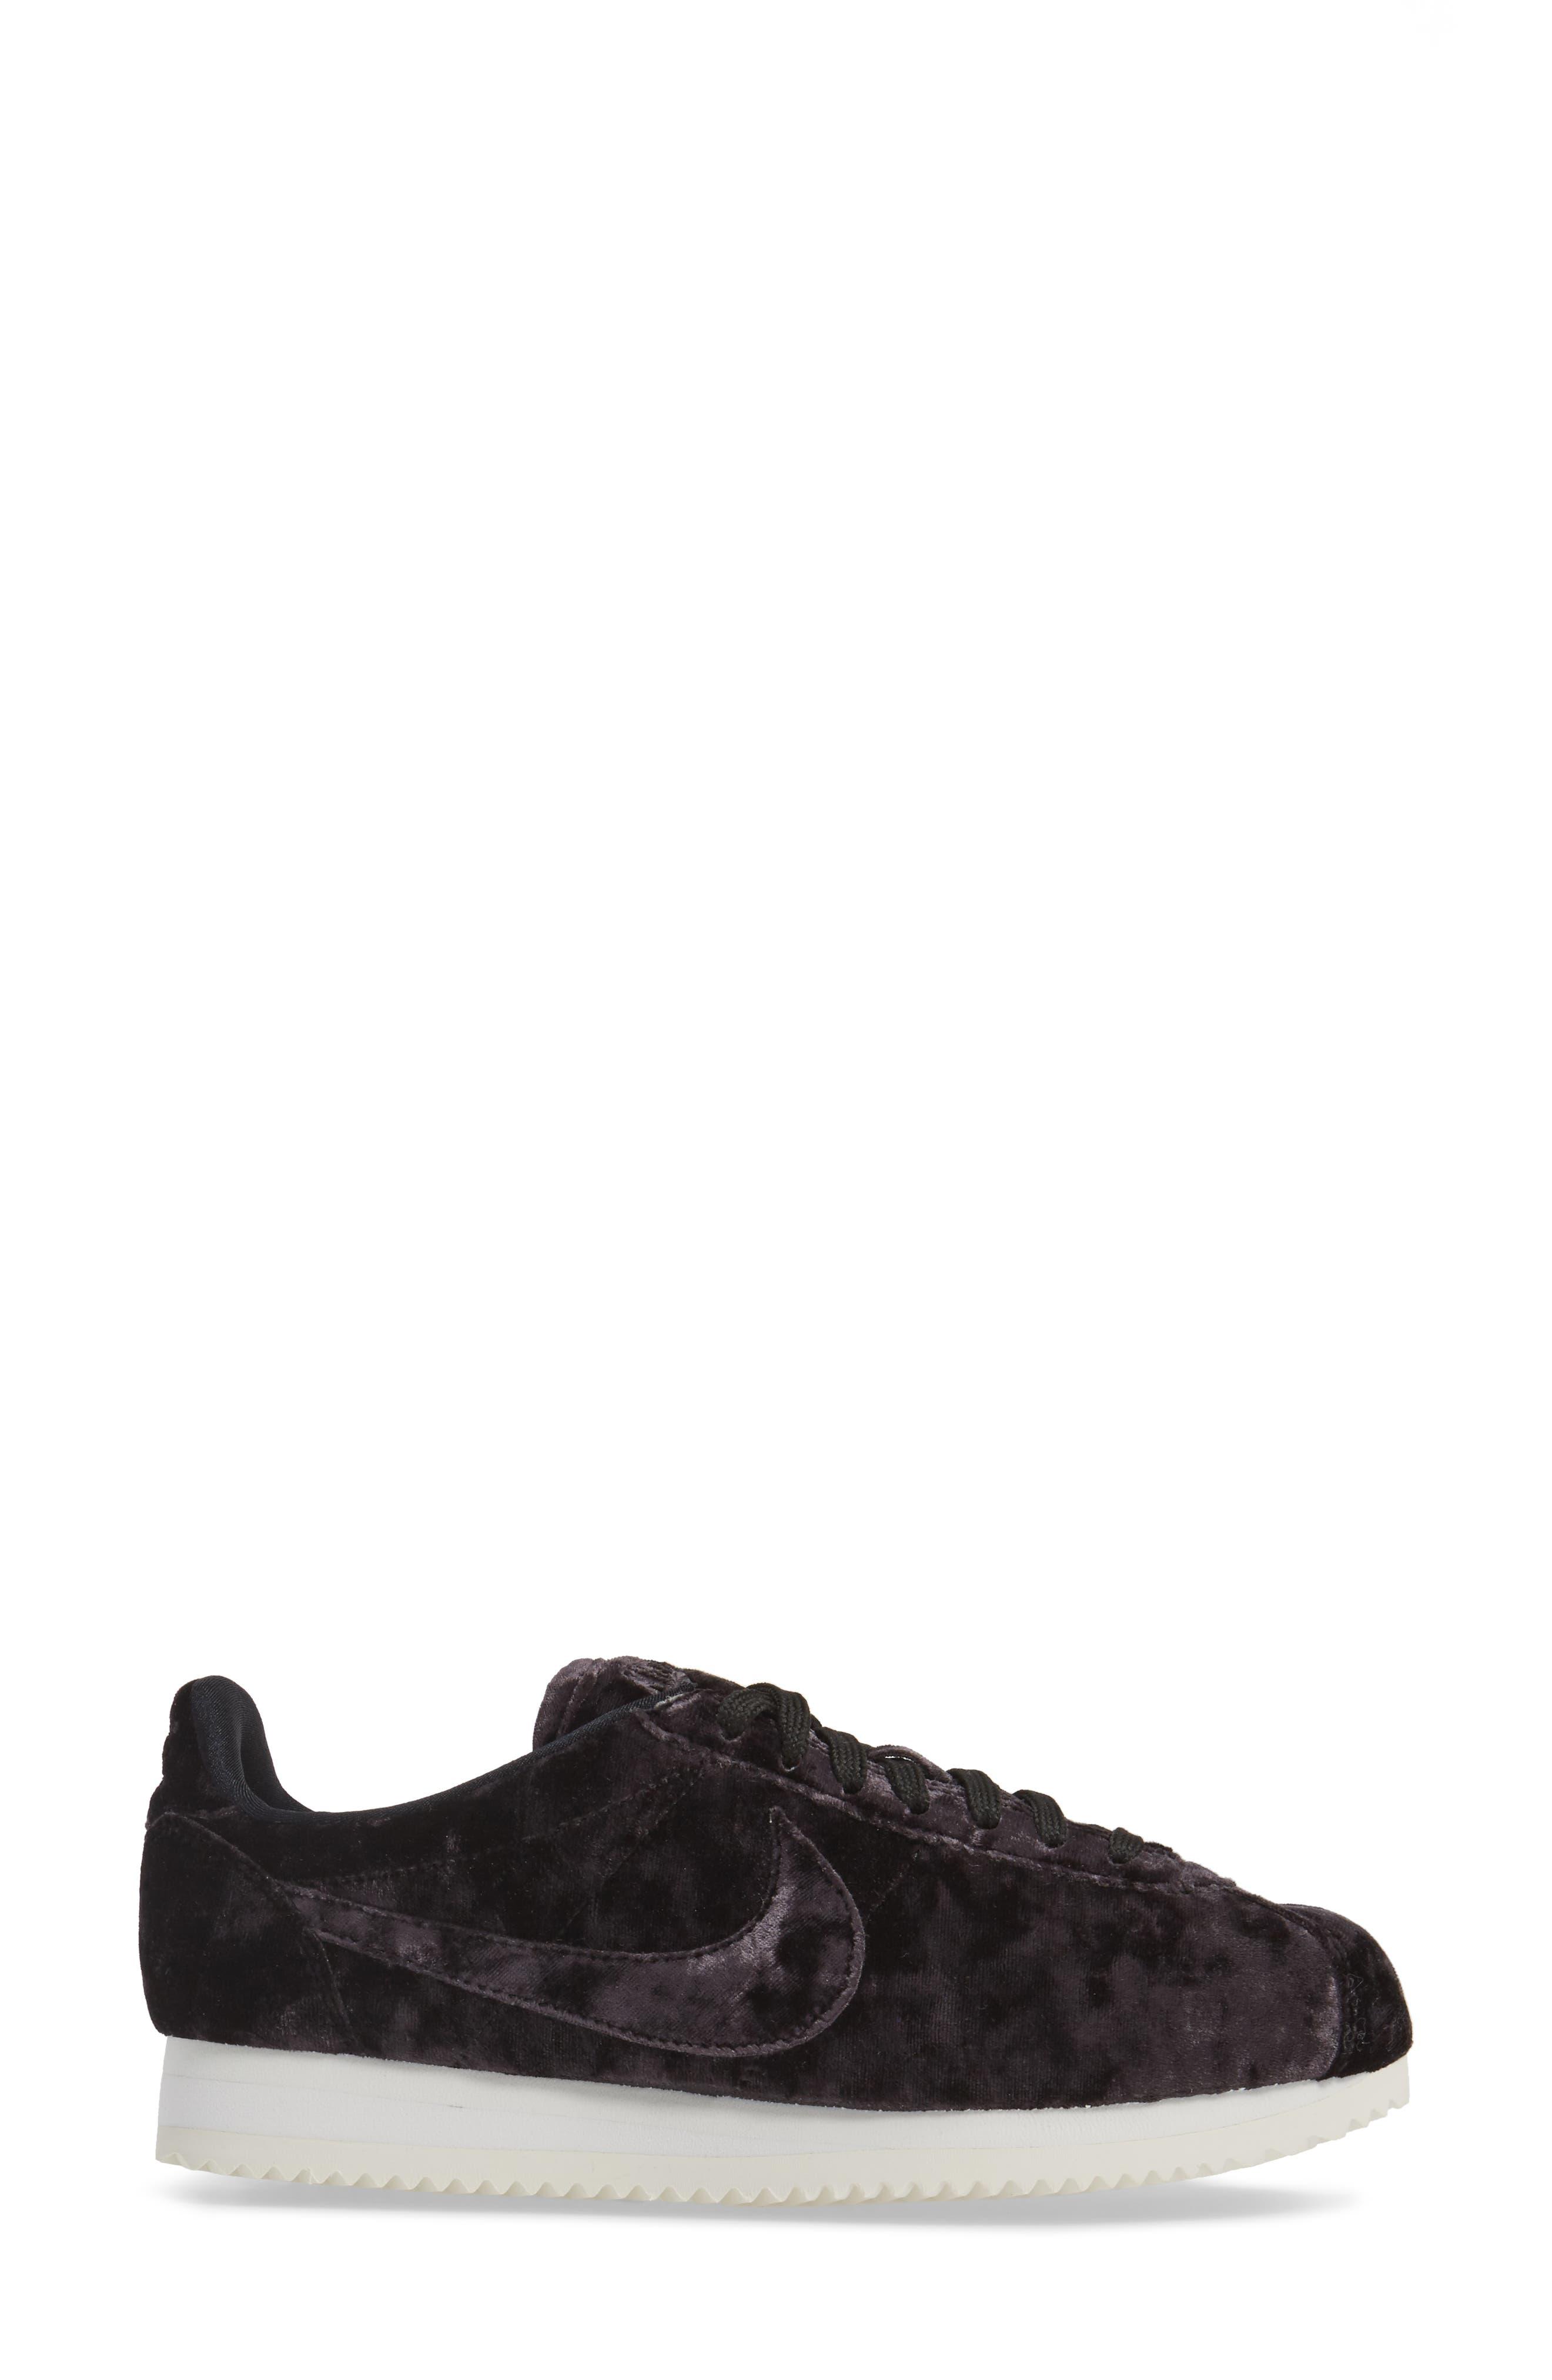 Cortez Classic LX Sneaker,                             Alternate thumbnail 3, color,                             001